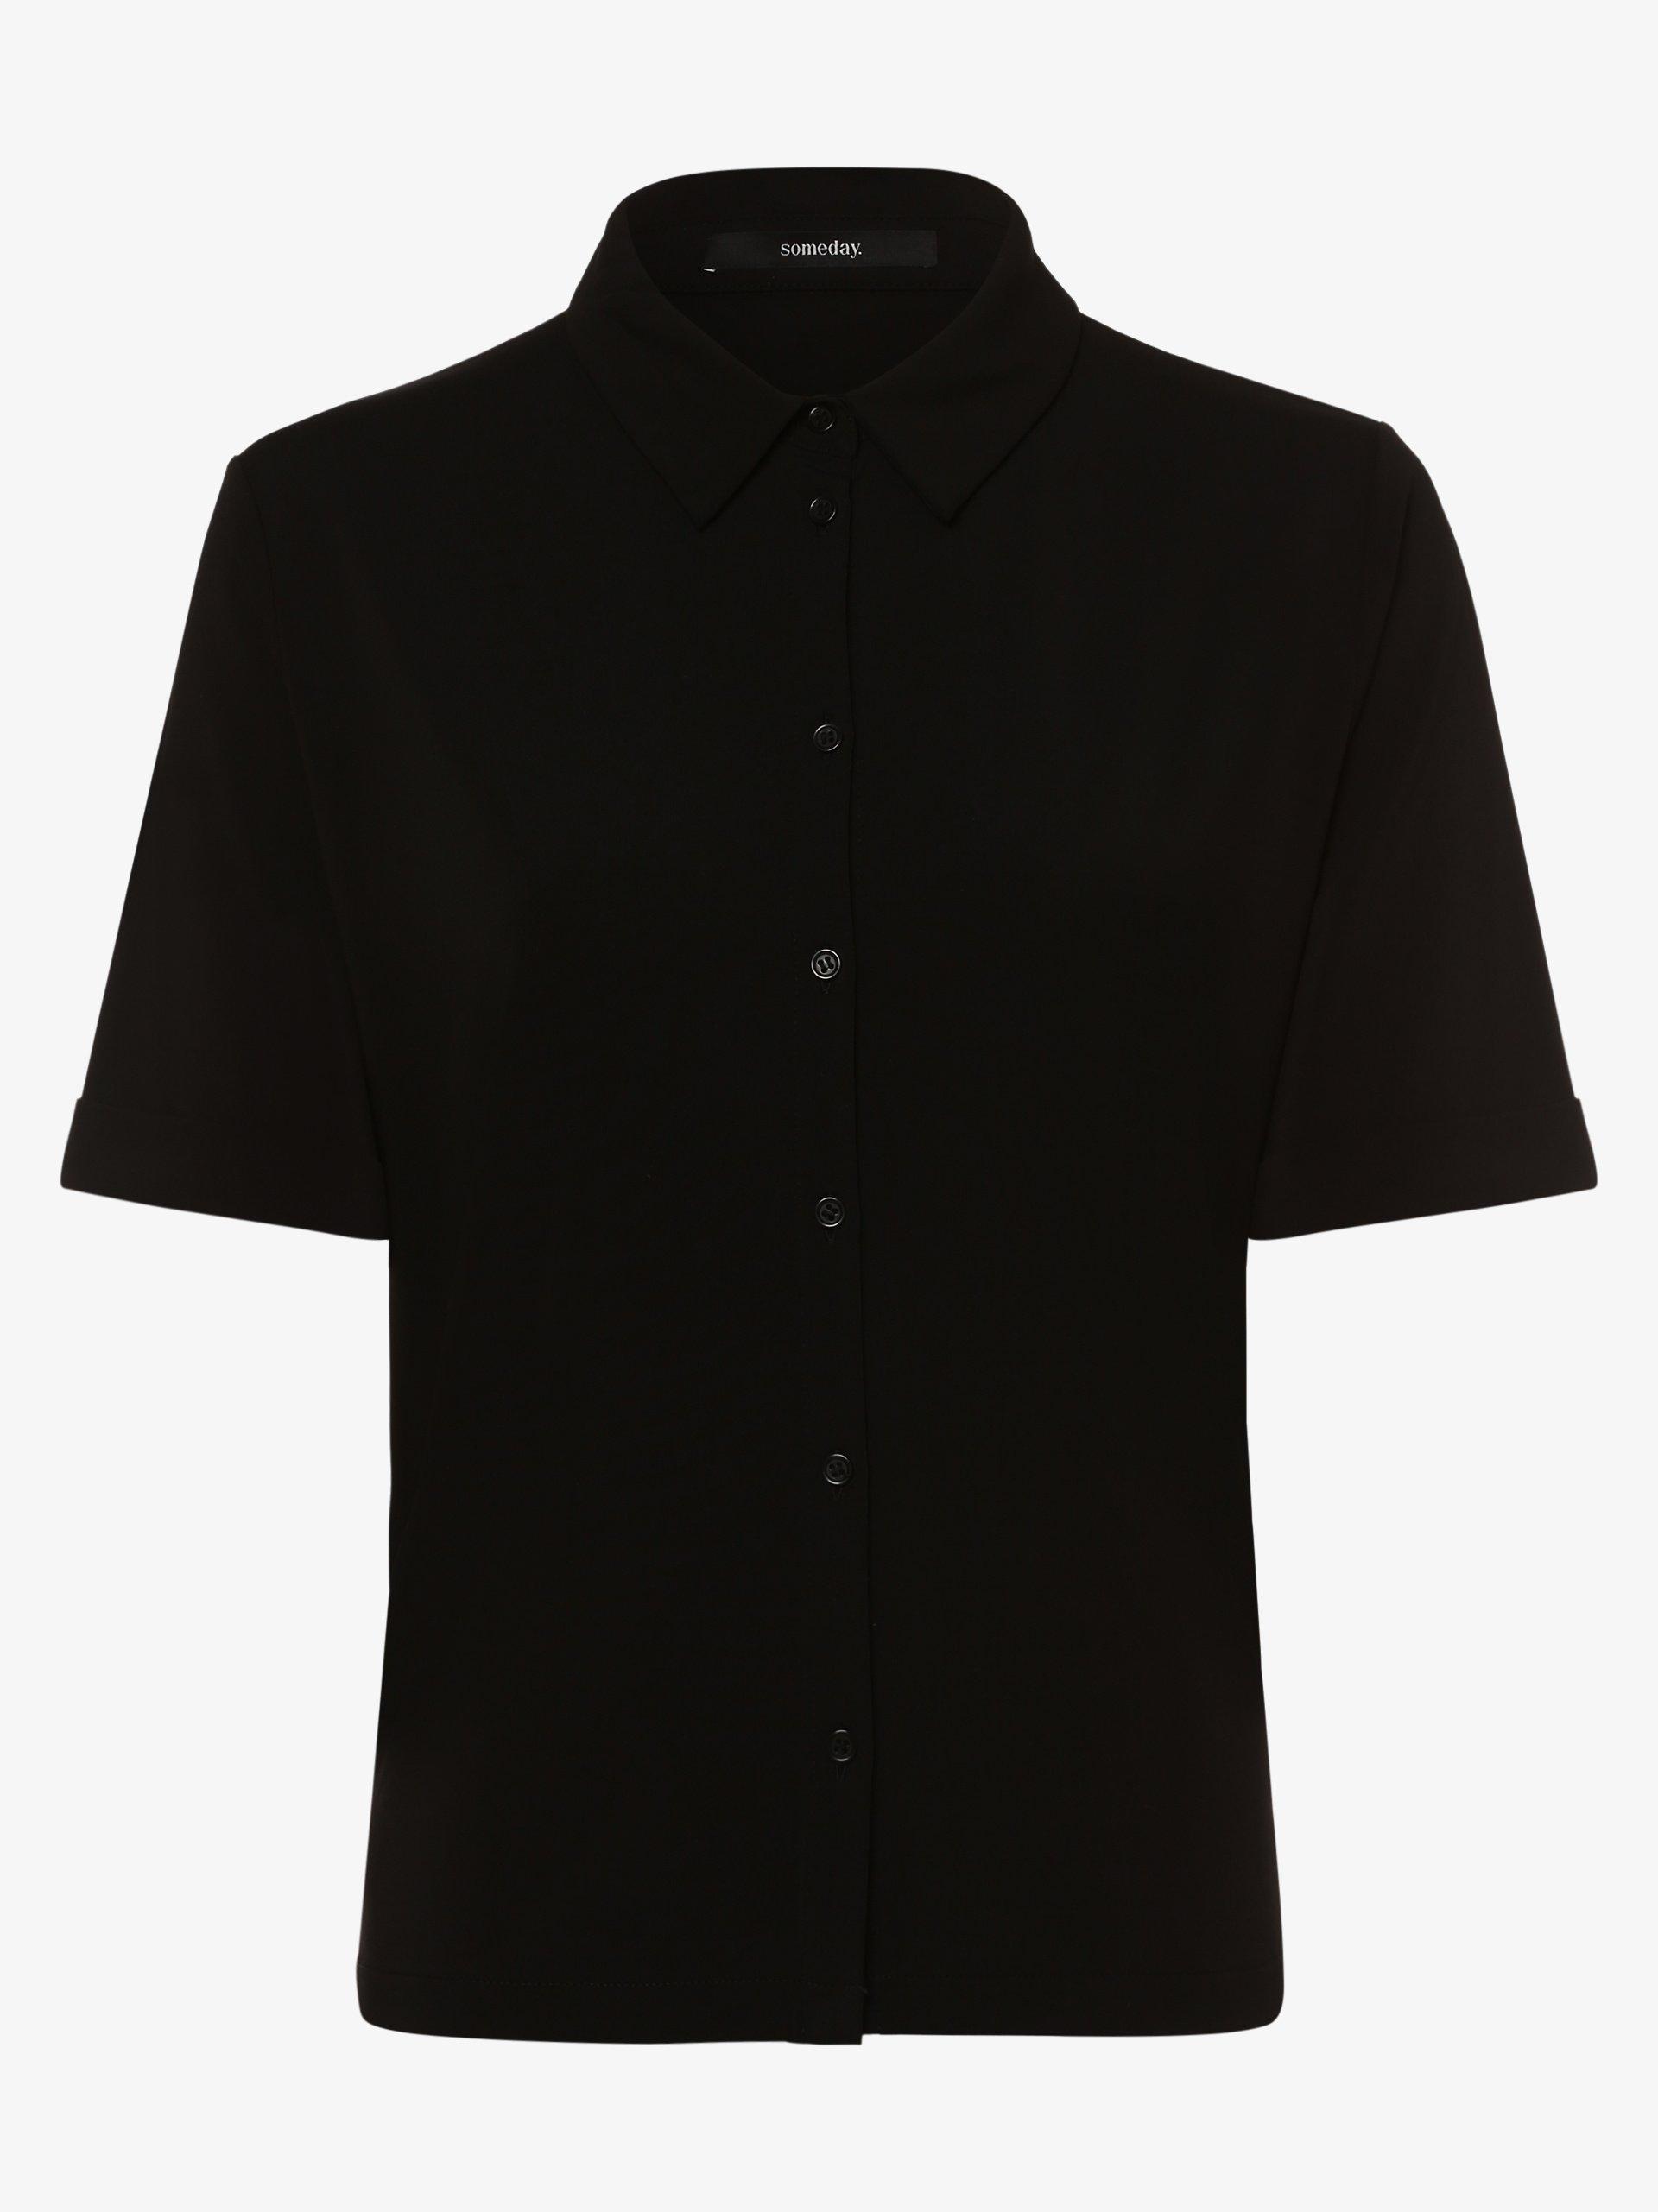 Someday Damen Blusenshirt - Zonti